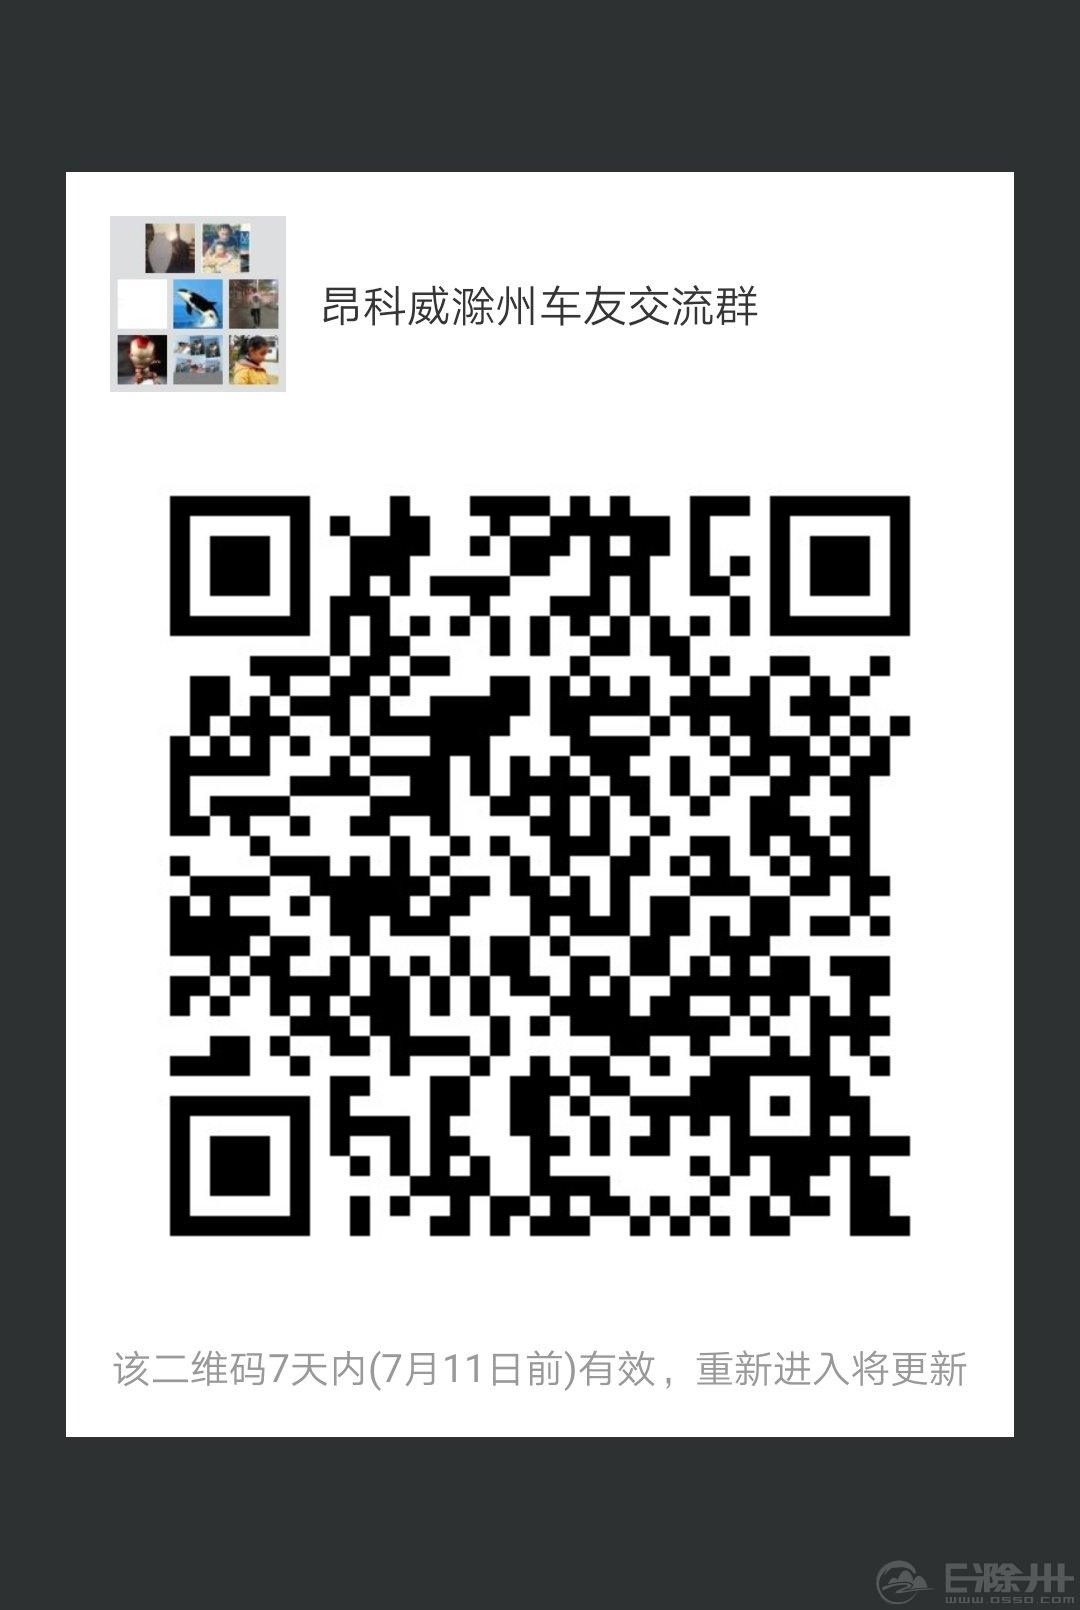 微信图片_20180704093648.jpg